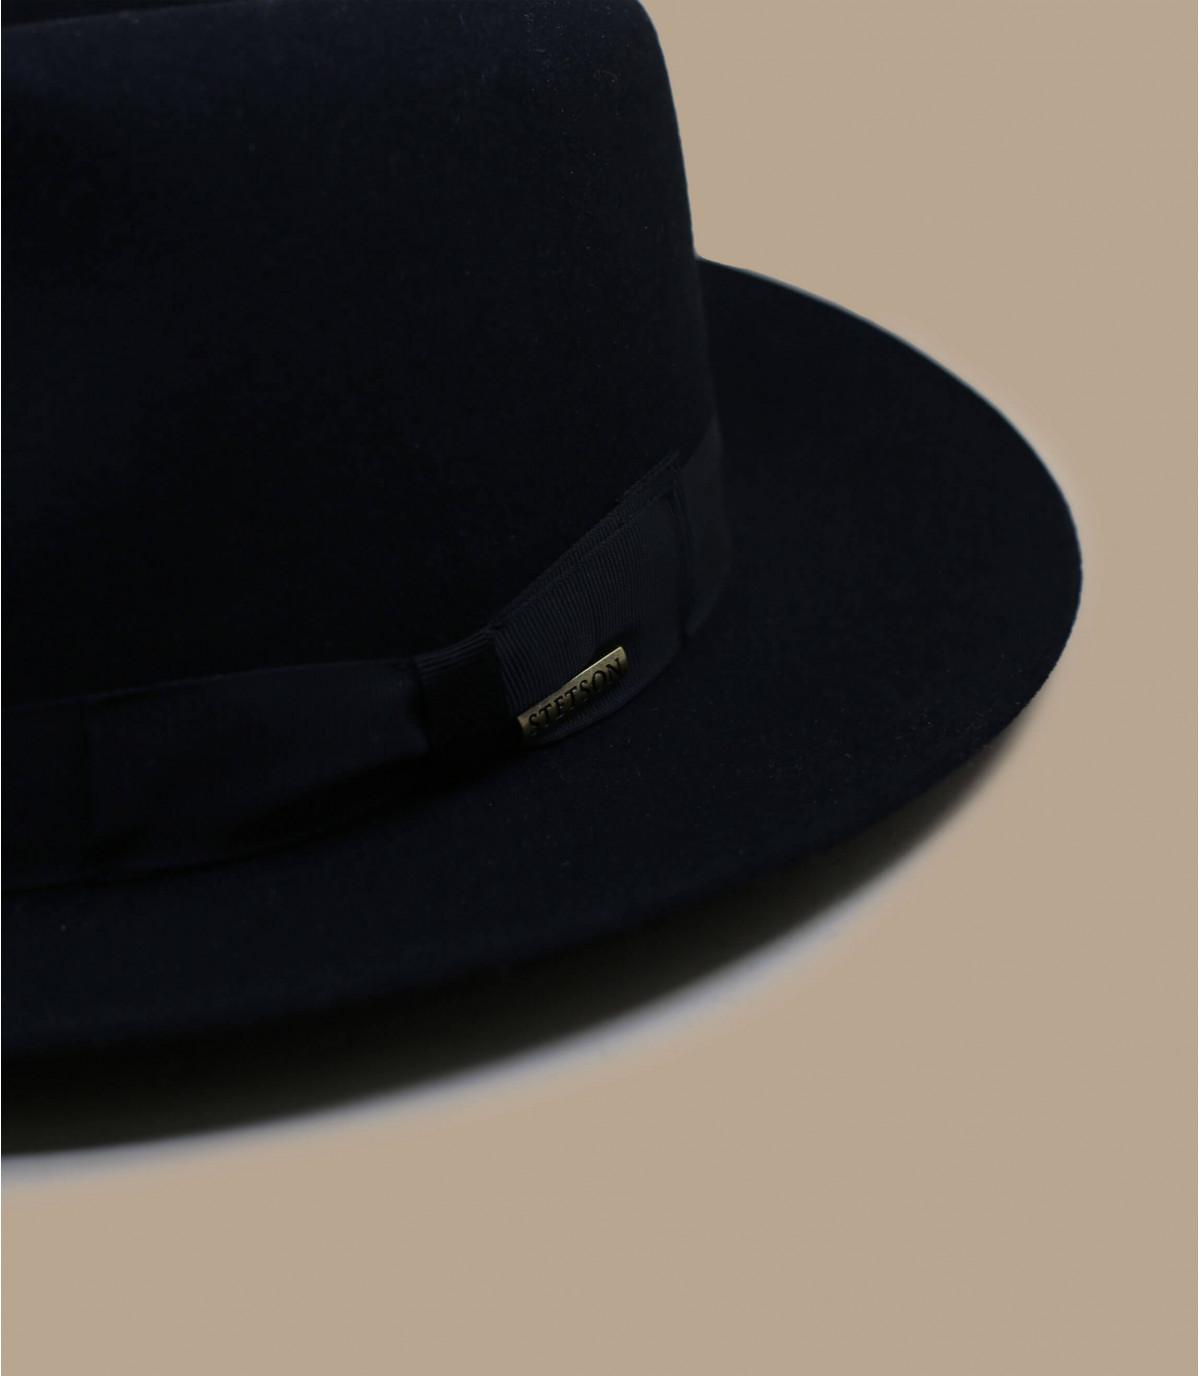 Penn black stetson